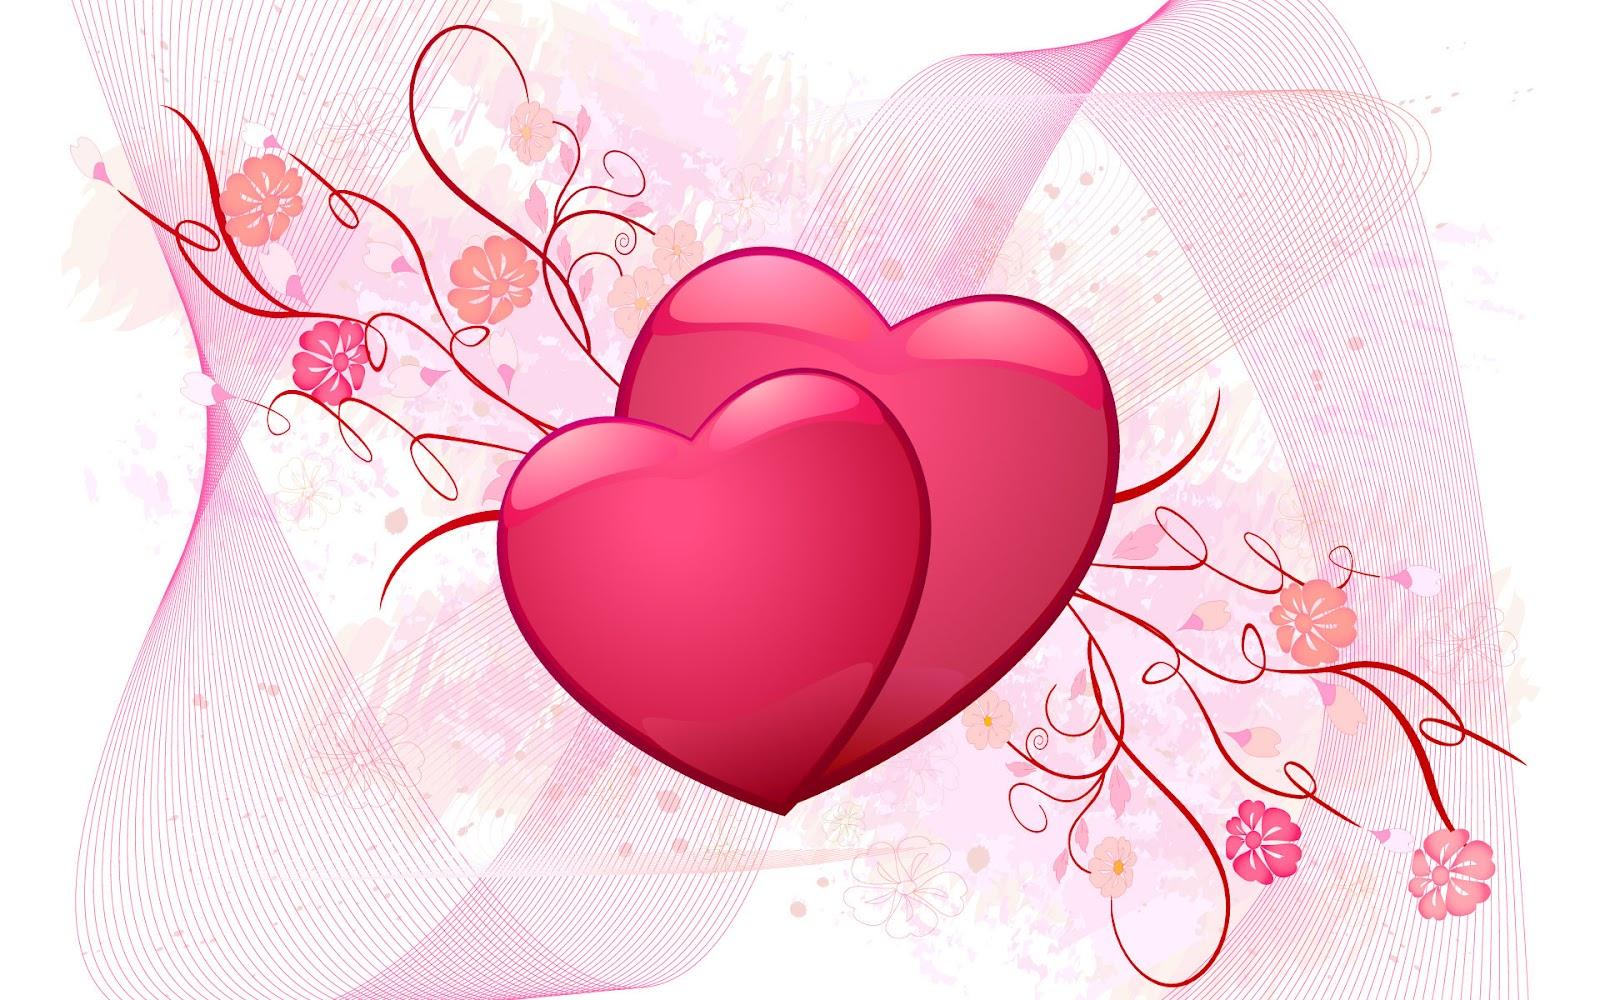 http://3.bp.blogspot.com/-dECzgI8bk7c/UHGugb8dtHI/AAAAAAAABIs/Gua9stf5sfQ/s1600/Love-wallpaper2.jpg